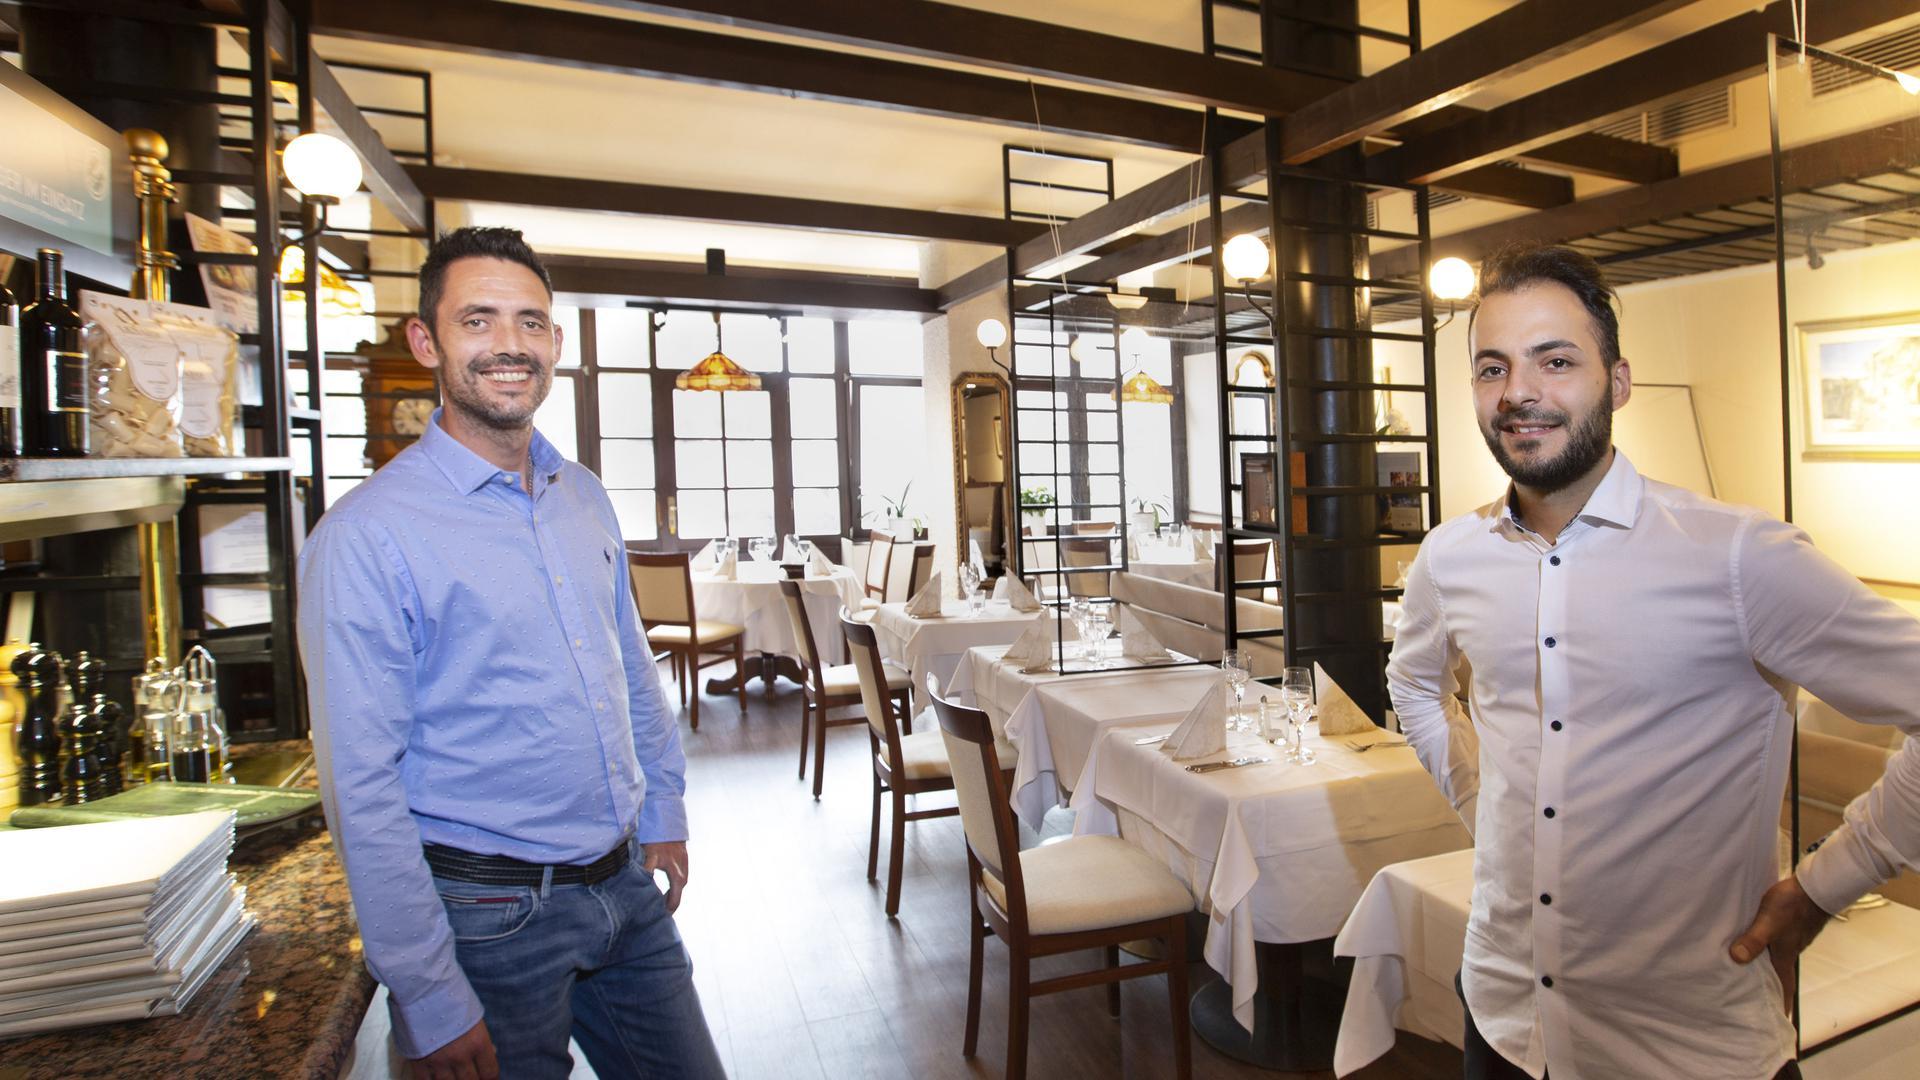 Giuseppe Collura und Felice Miceli im Ristorante Adria